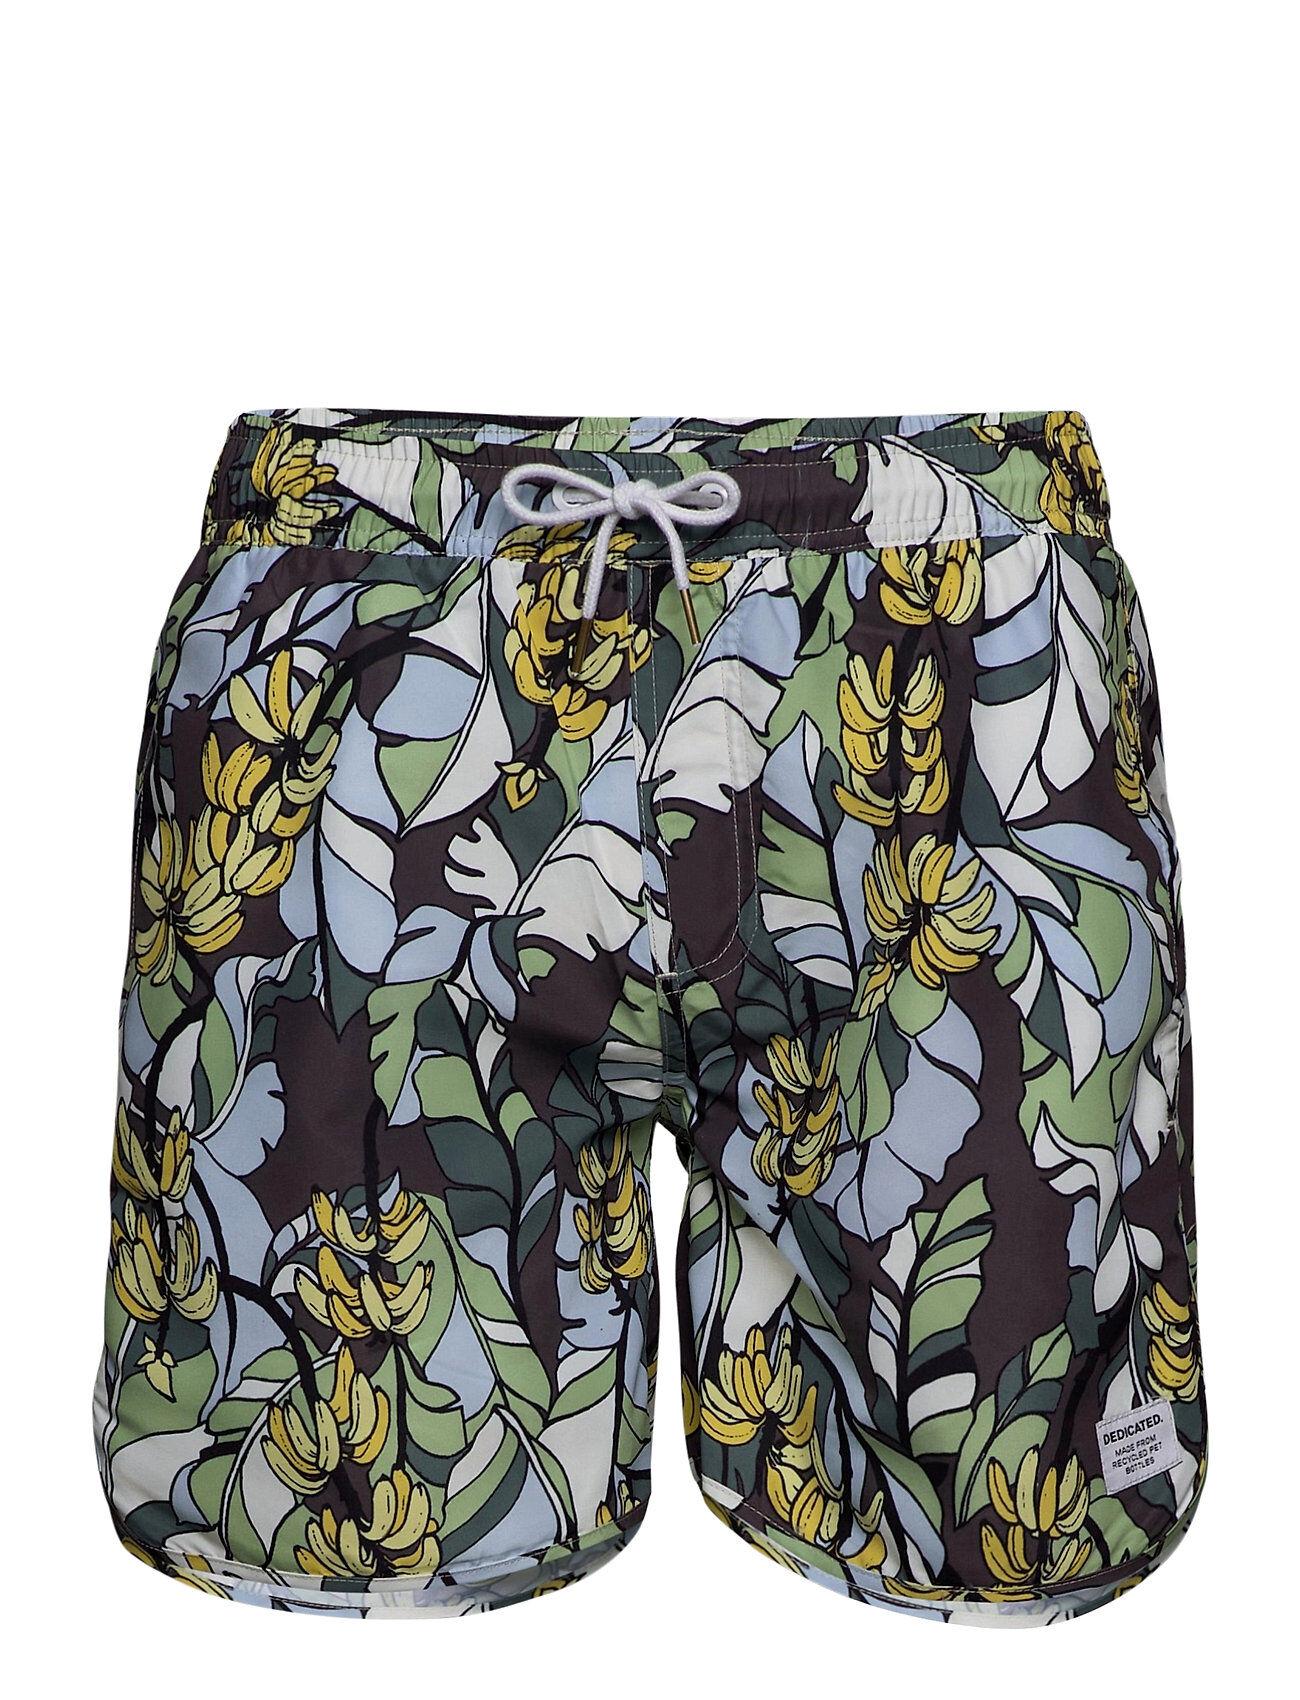 DEDICATED Swim Shorts Banana Leaves Badeshorts Grønn DEDICATED